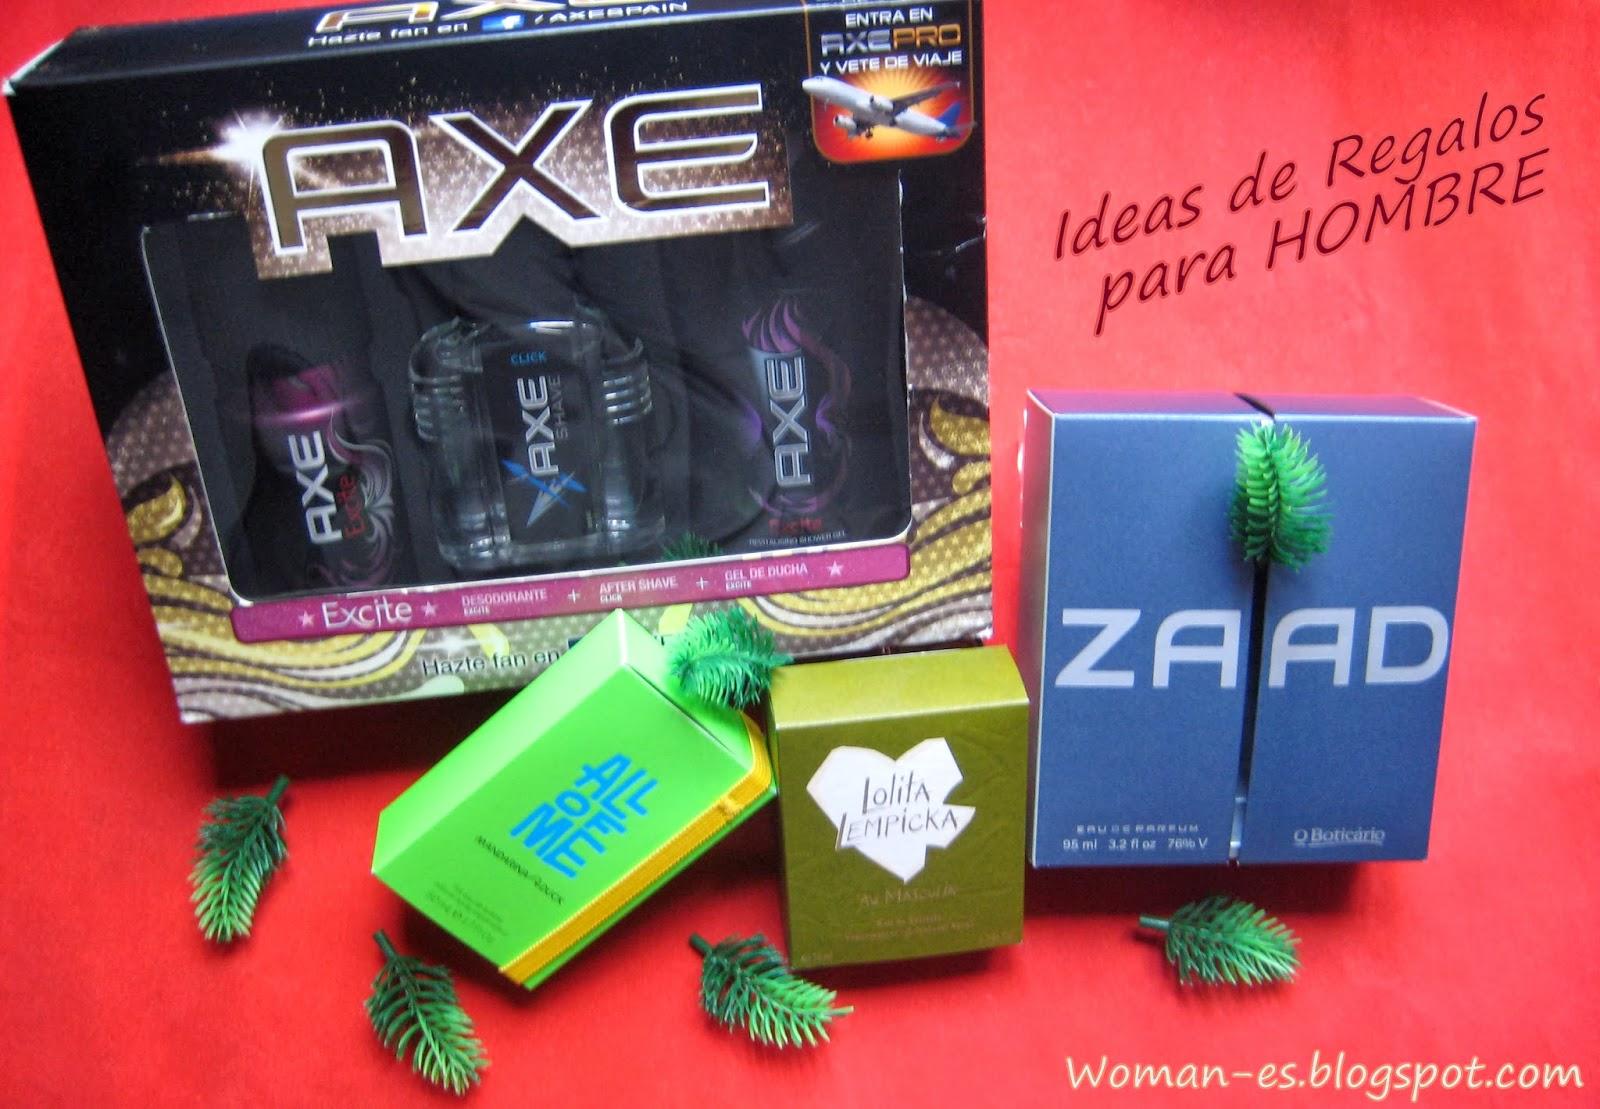 Woman ideas de regalos navide os para hombre for Regalos ideas para hombres